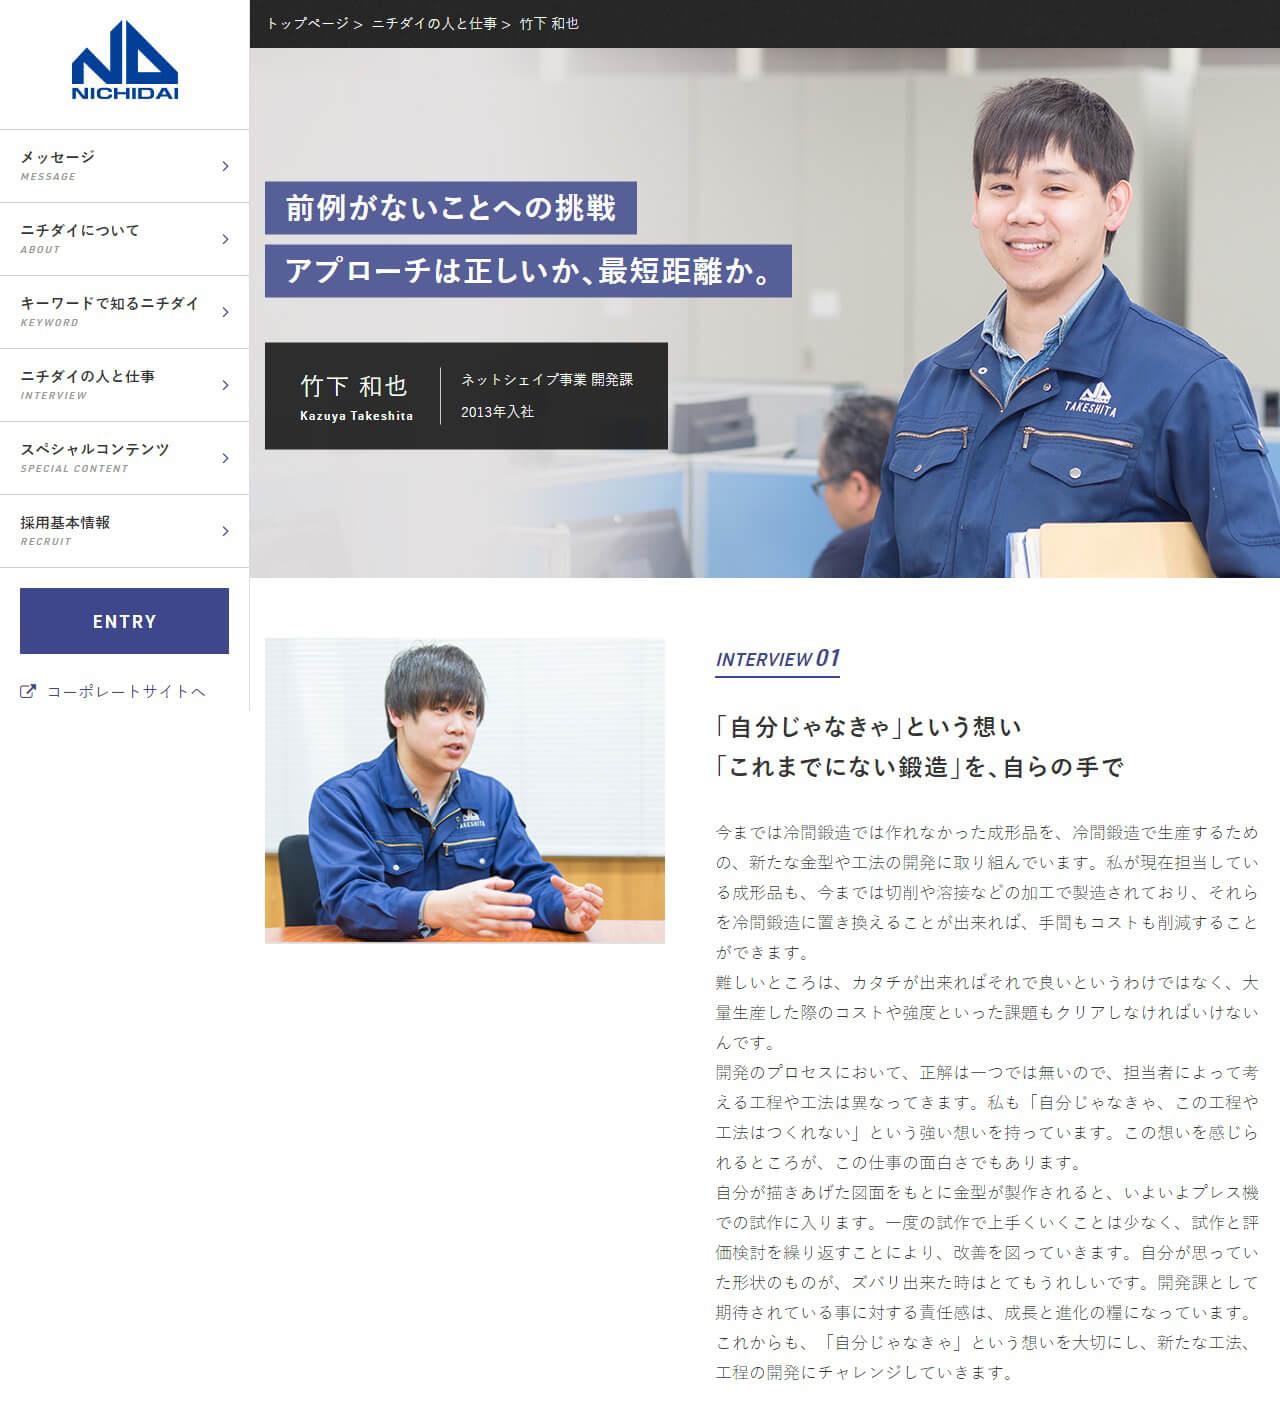 interview_1